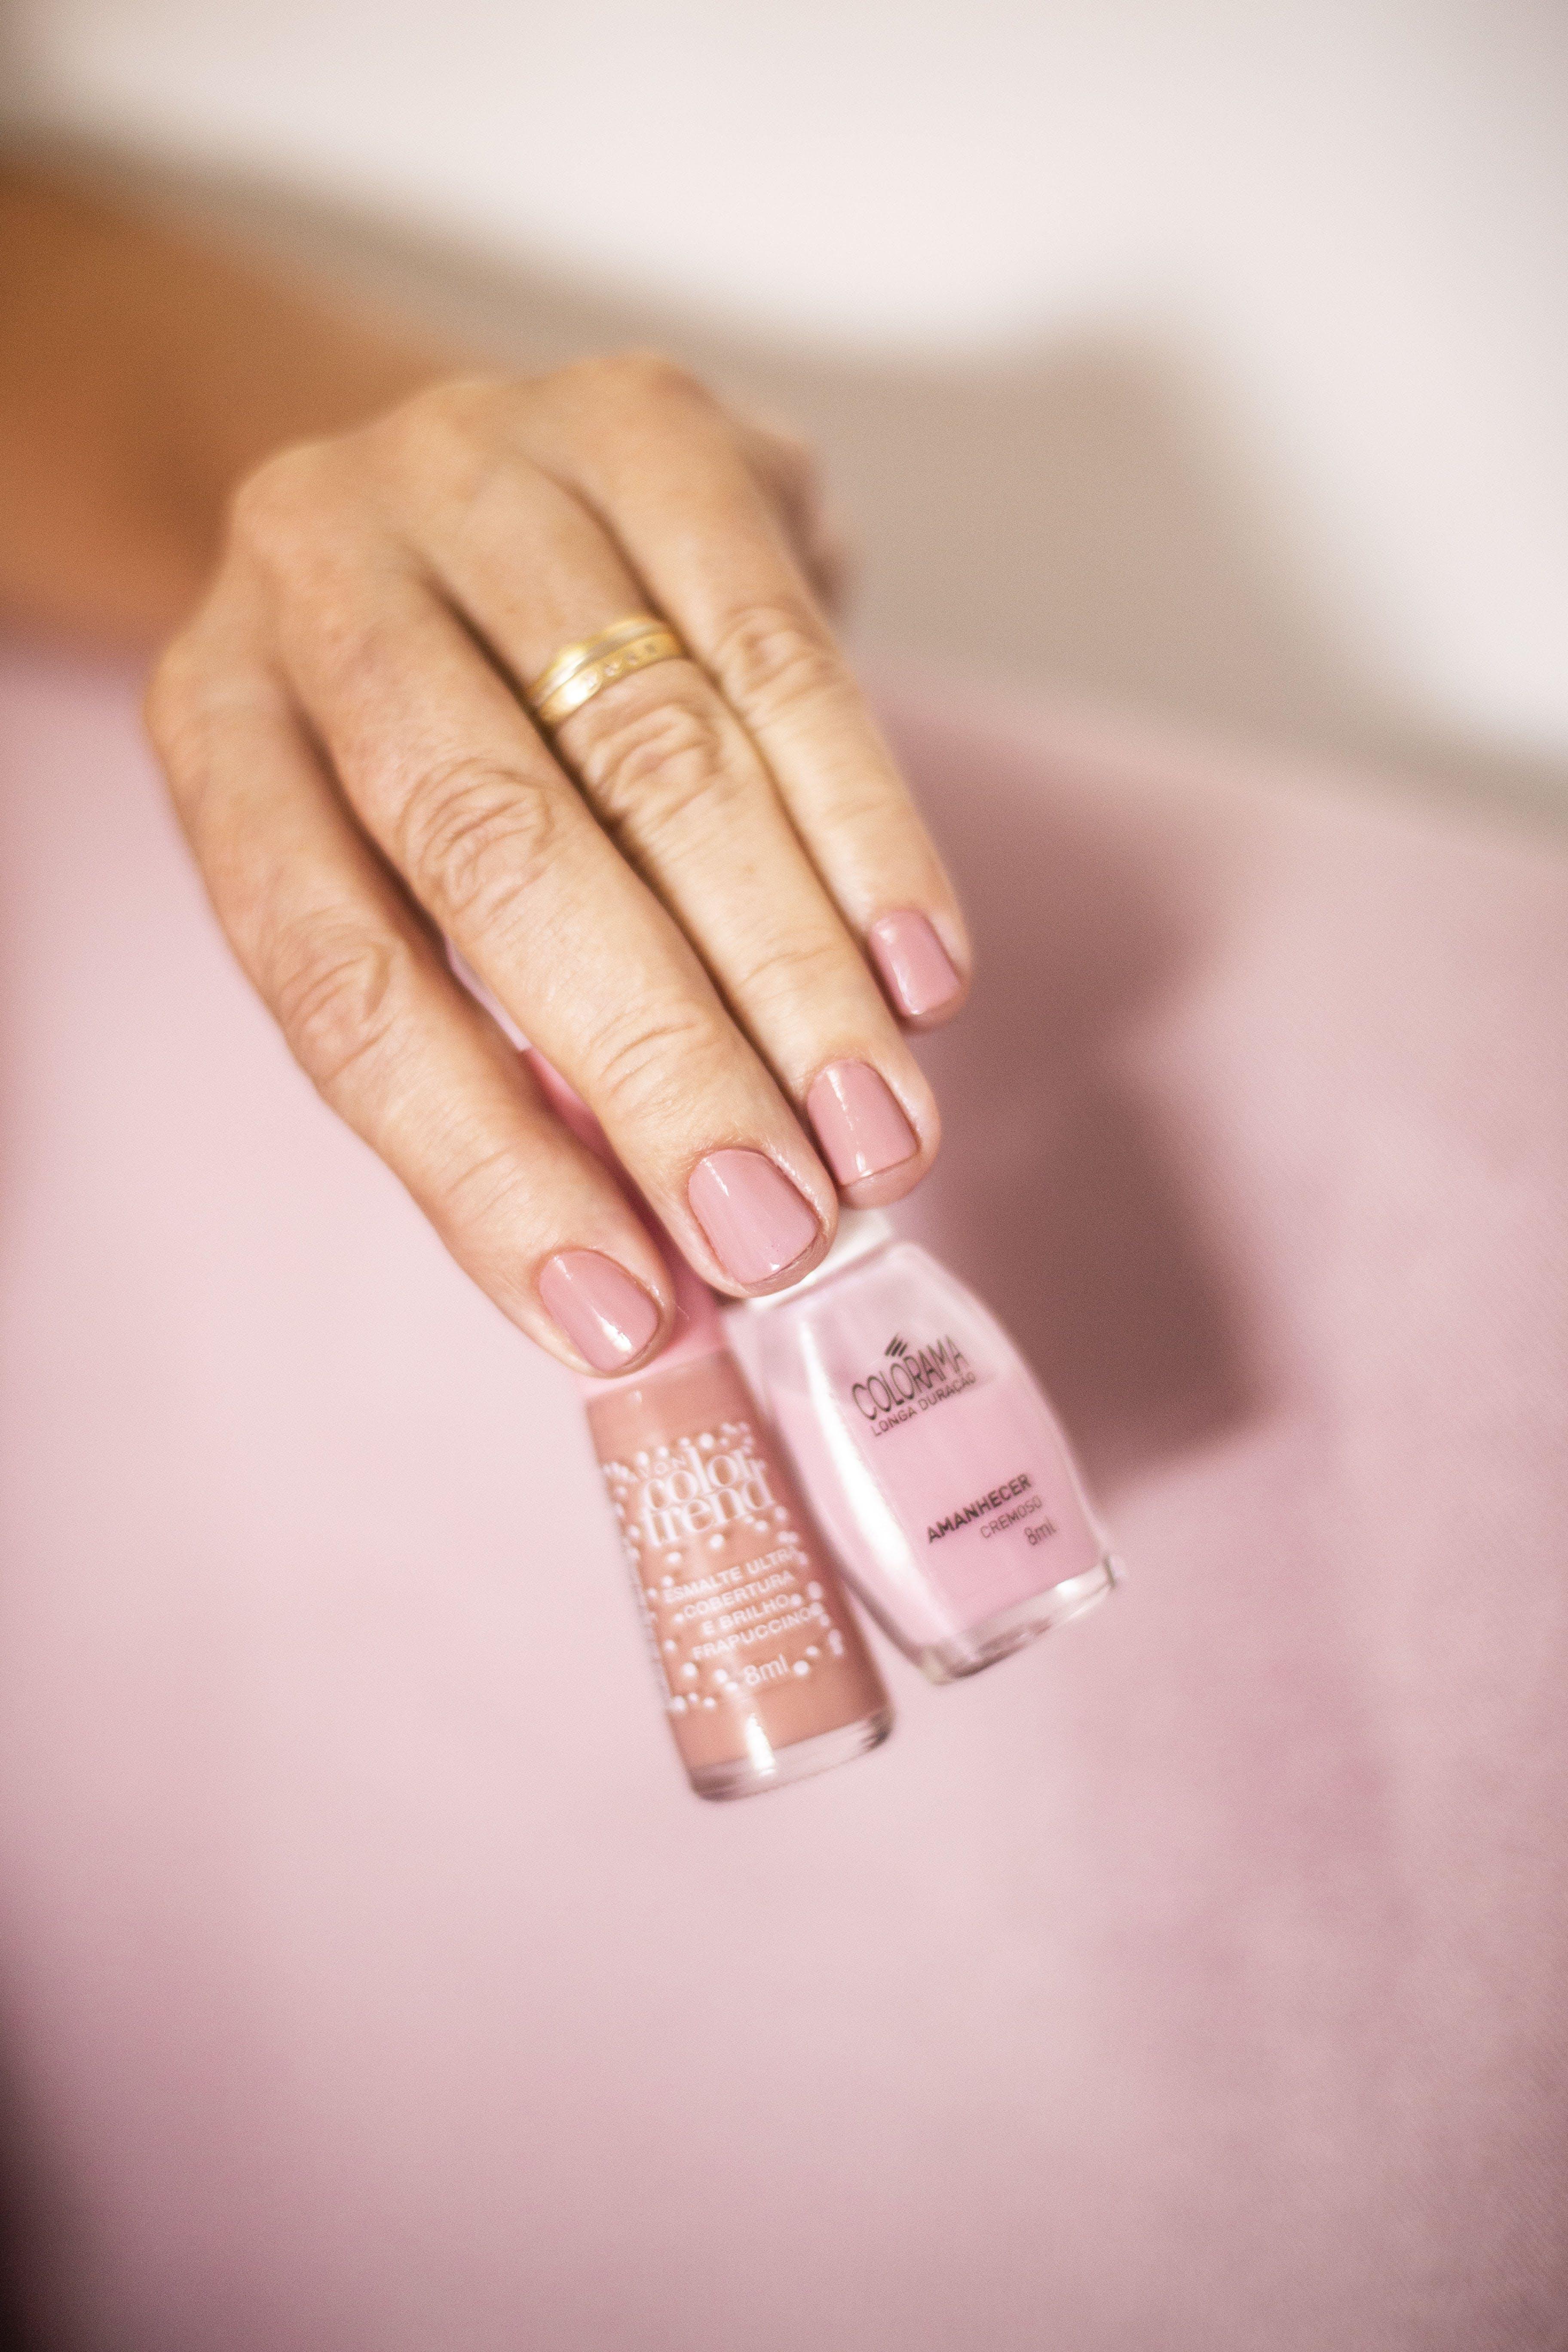 Kostenloses Stock Foto zu gepflegte nägel, hand, nagelpolitur